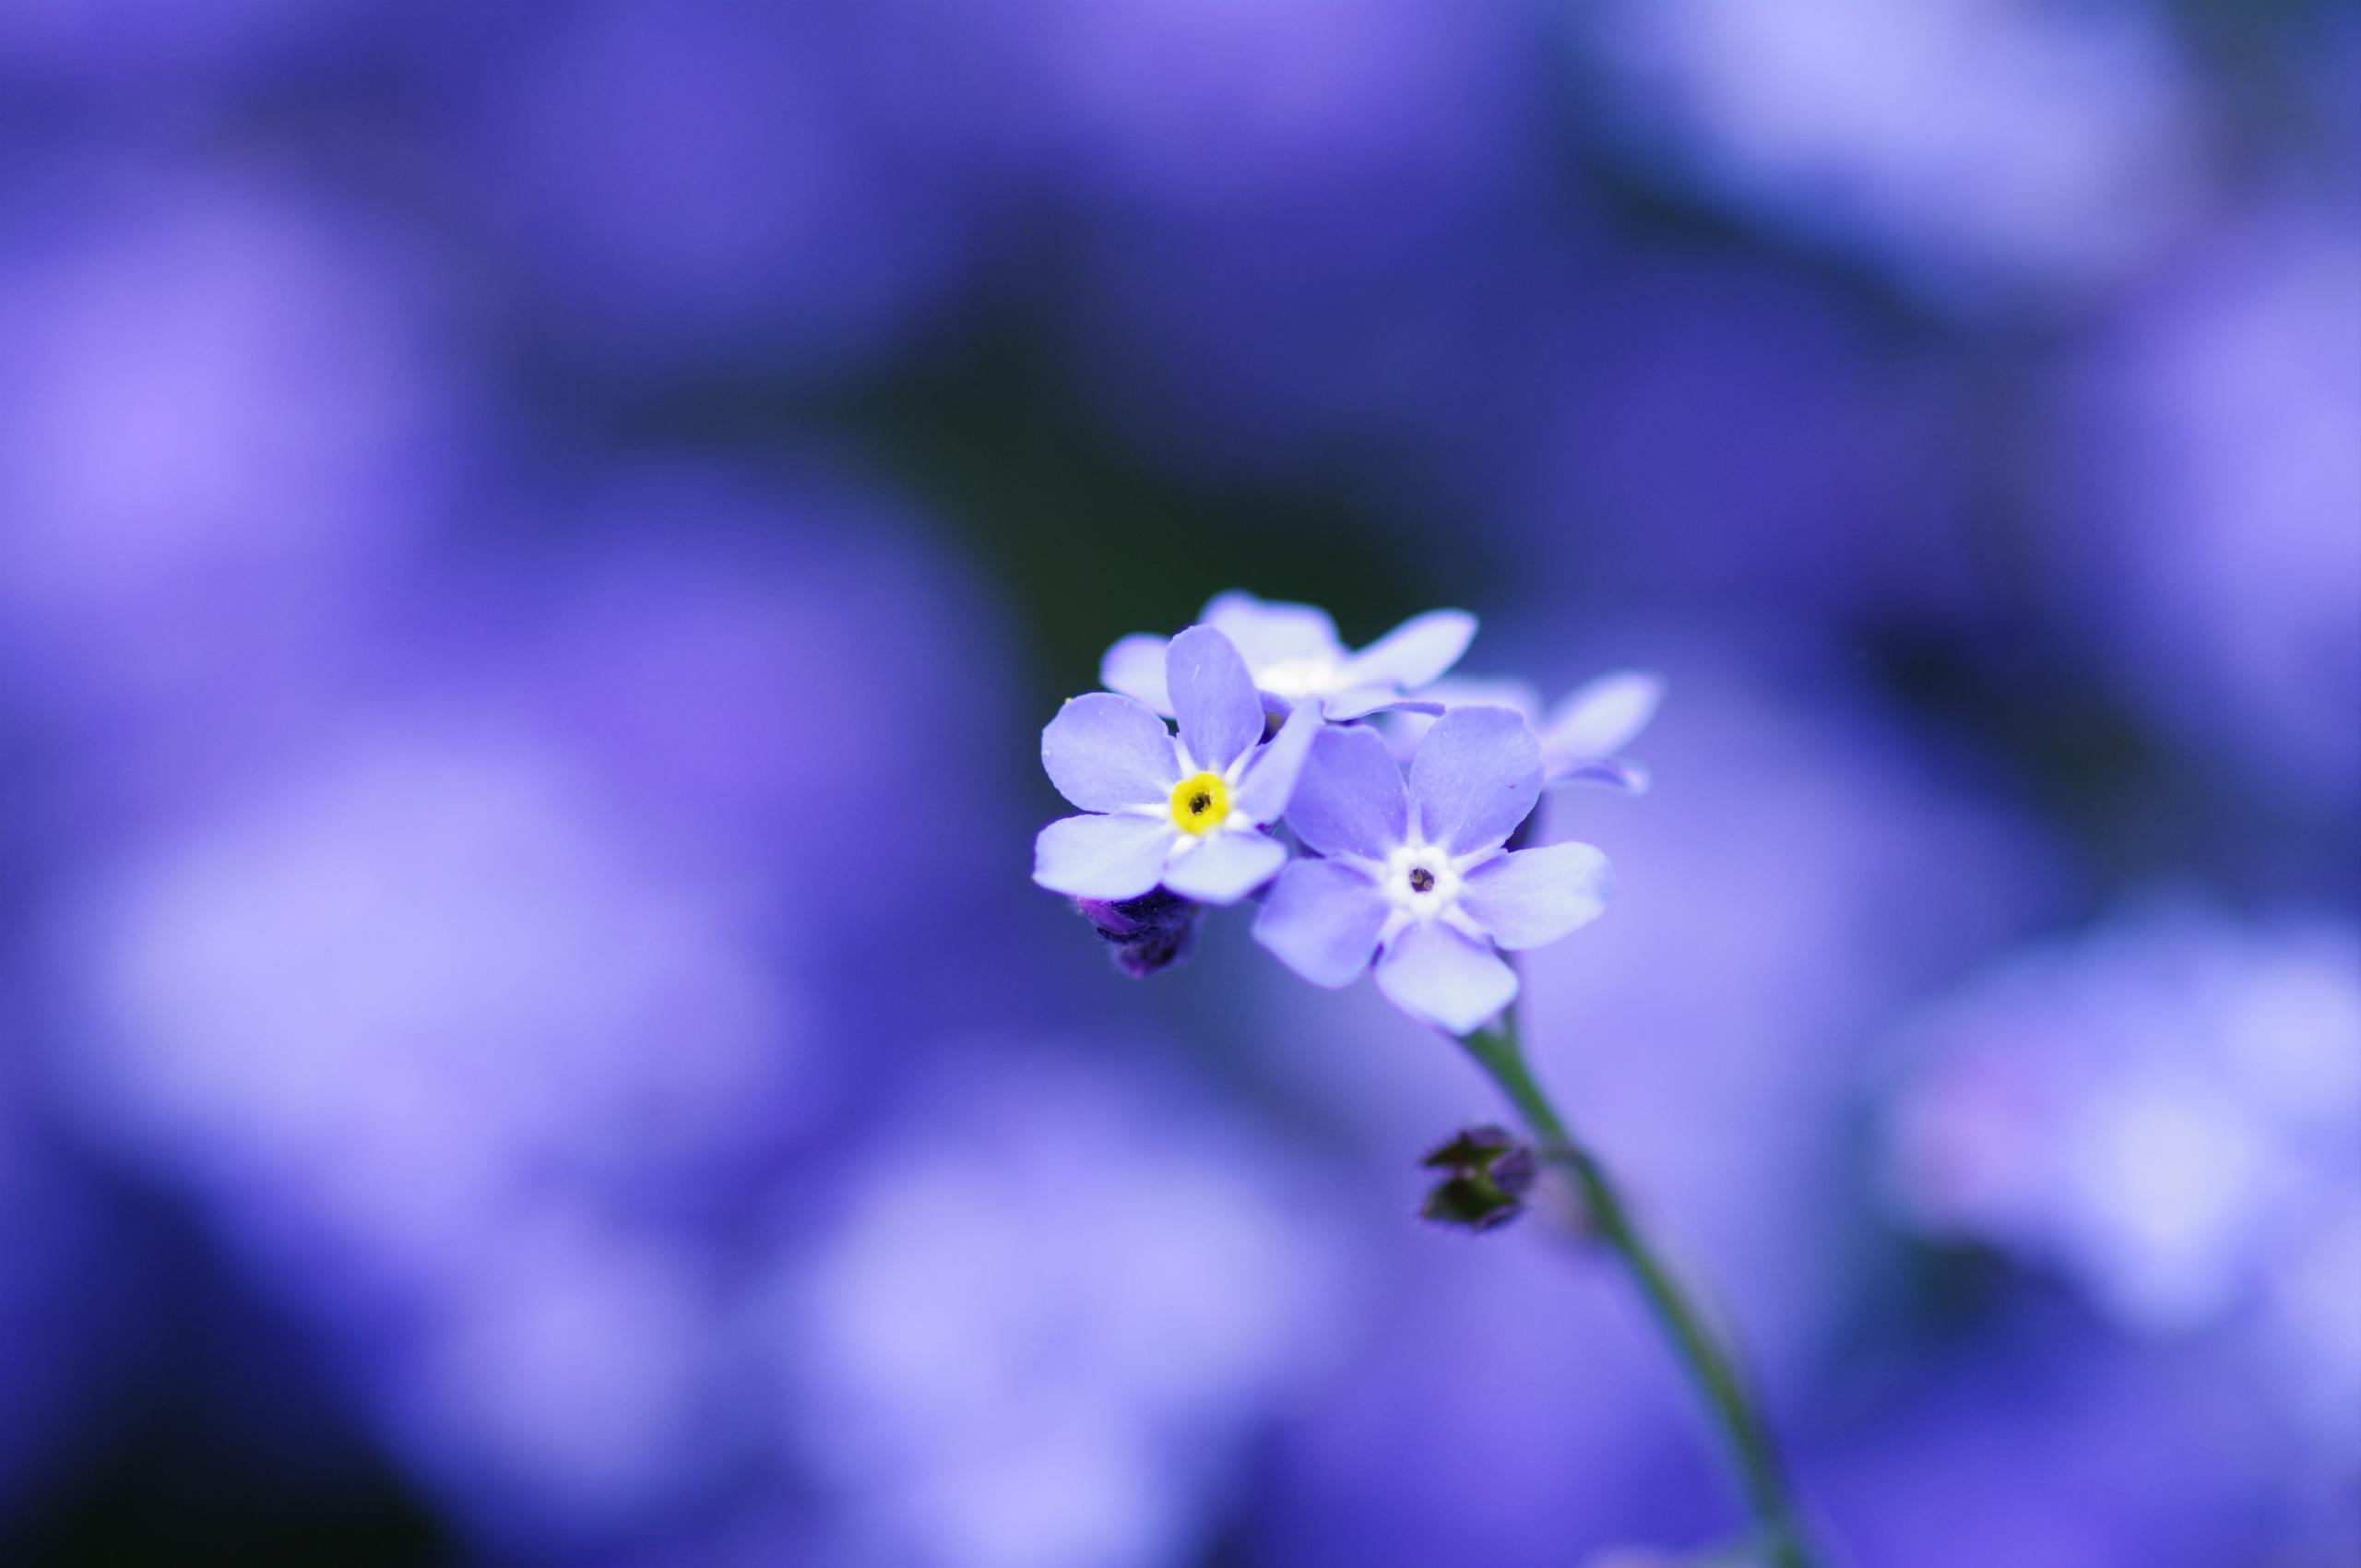 синие цветы незабудки крупный план роса  № 2779637 бесплатно